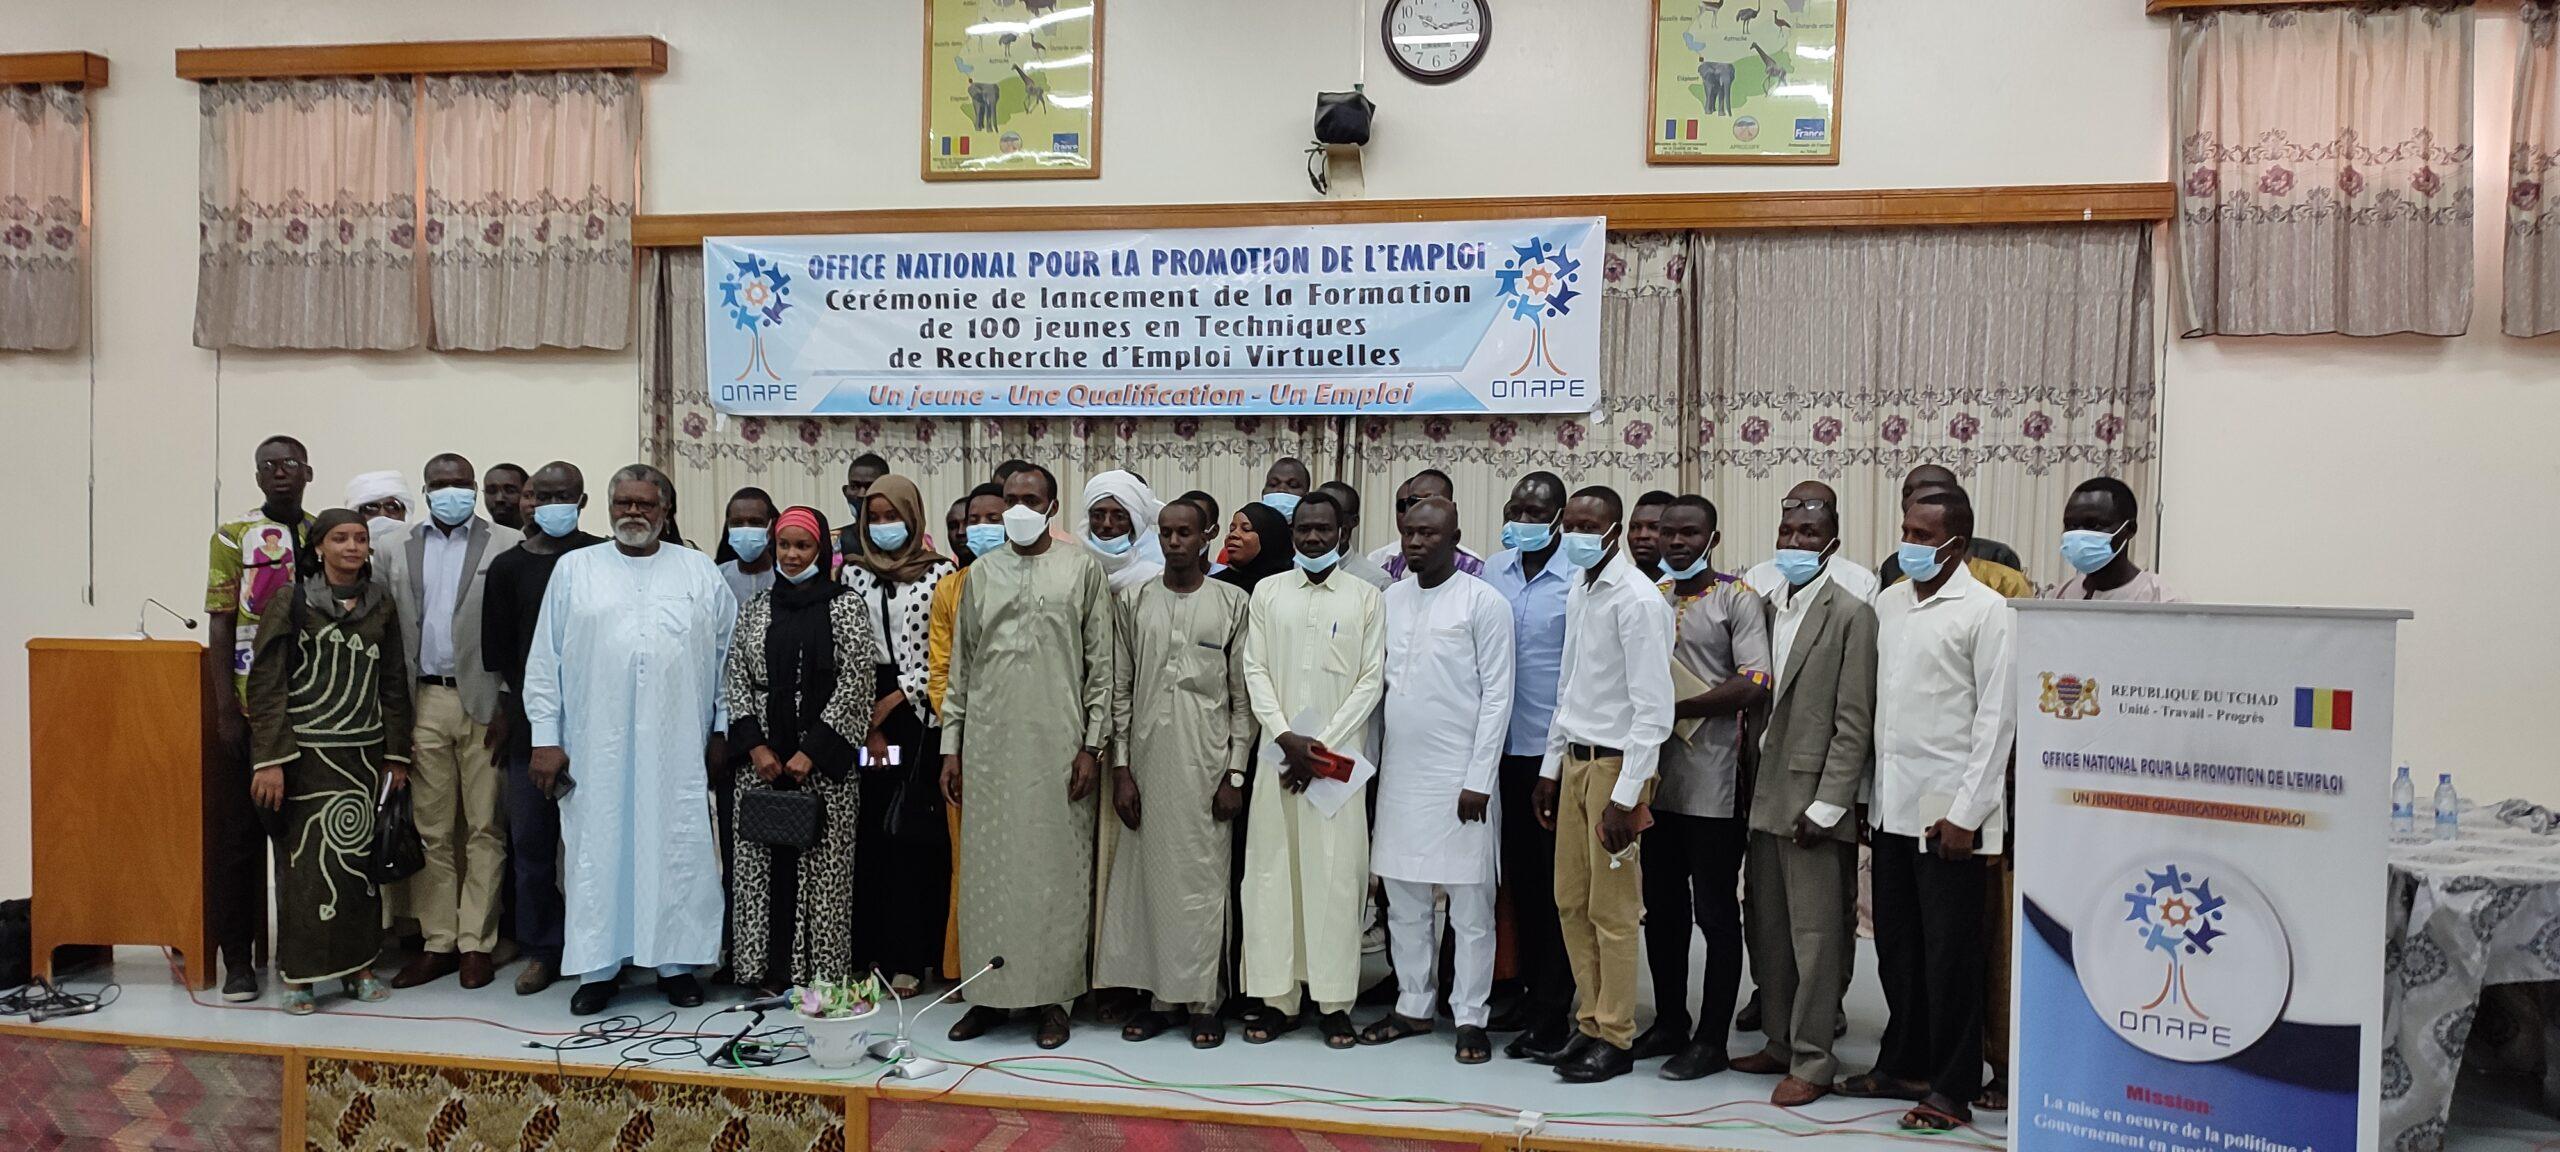 Tchad : 100 jeunes formés en techniques de recherche virtuelle d'emploi -  Tchadinfos.com